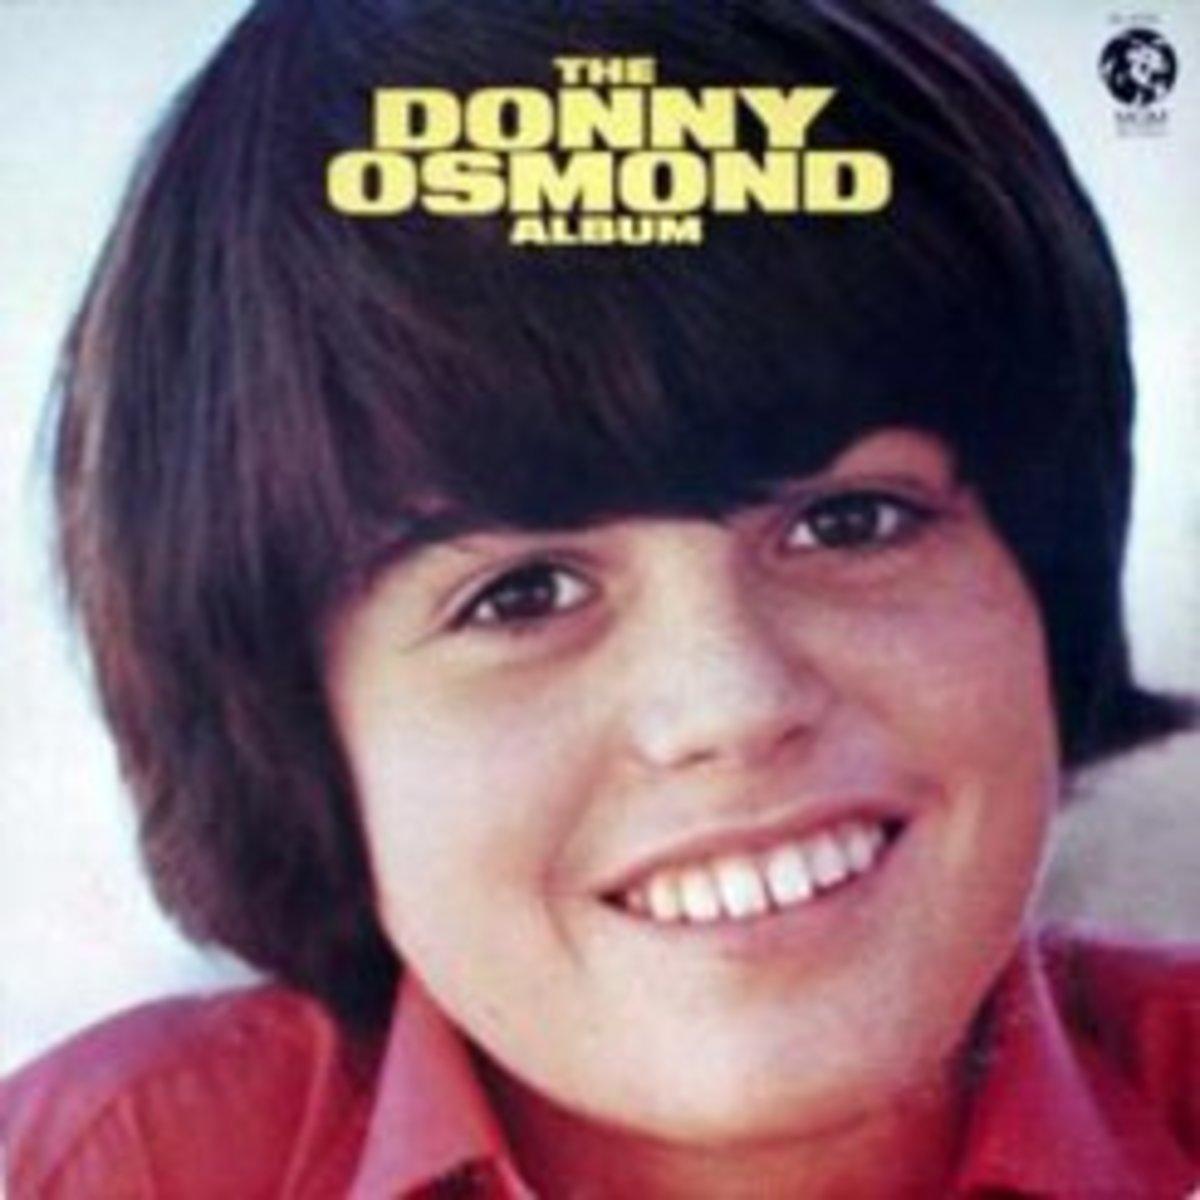 Donny Osmonds debut album released in 1971.